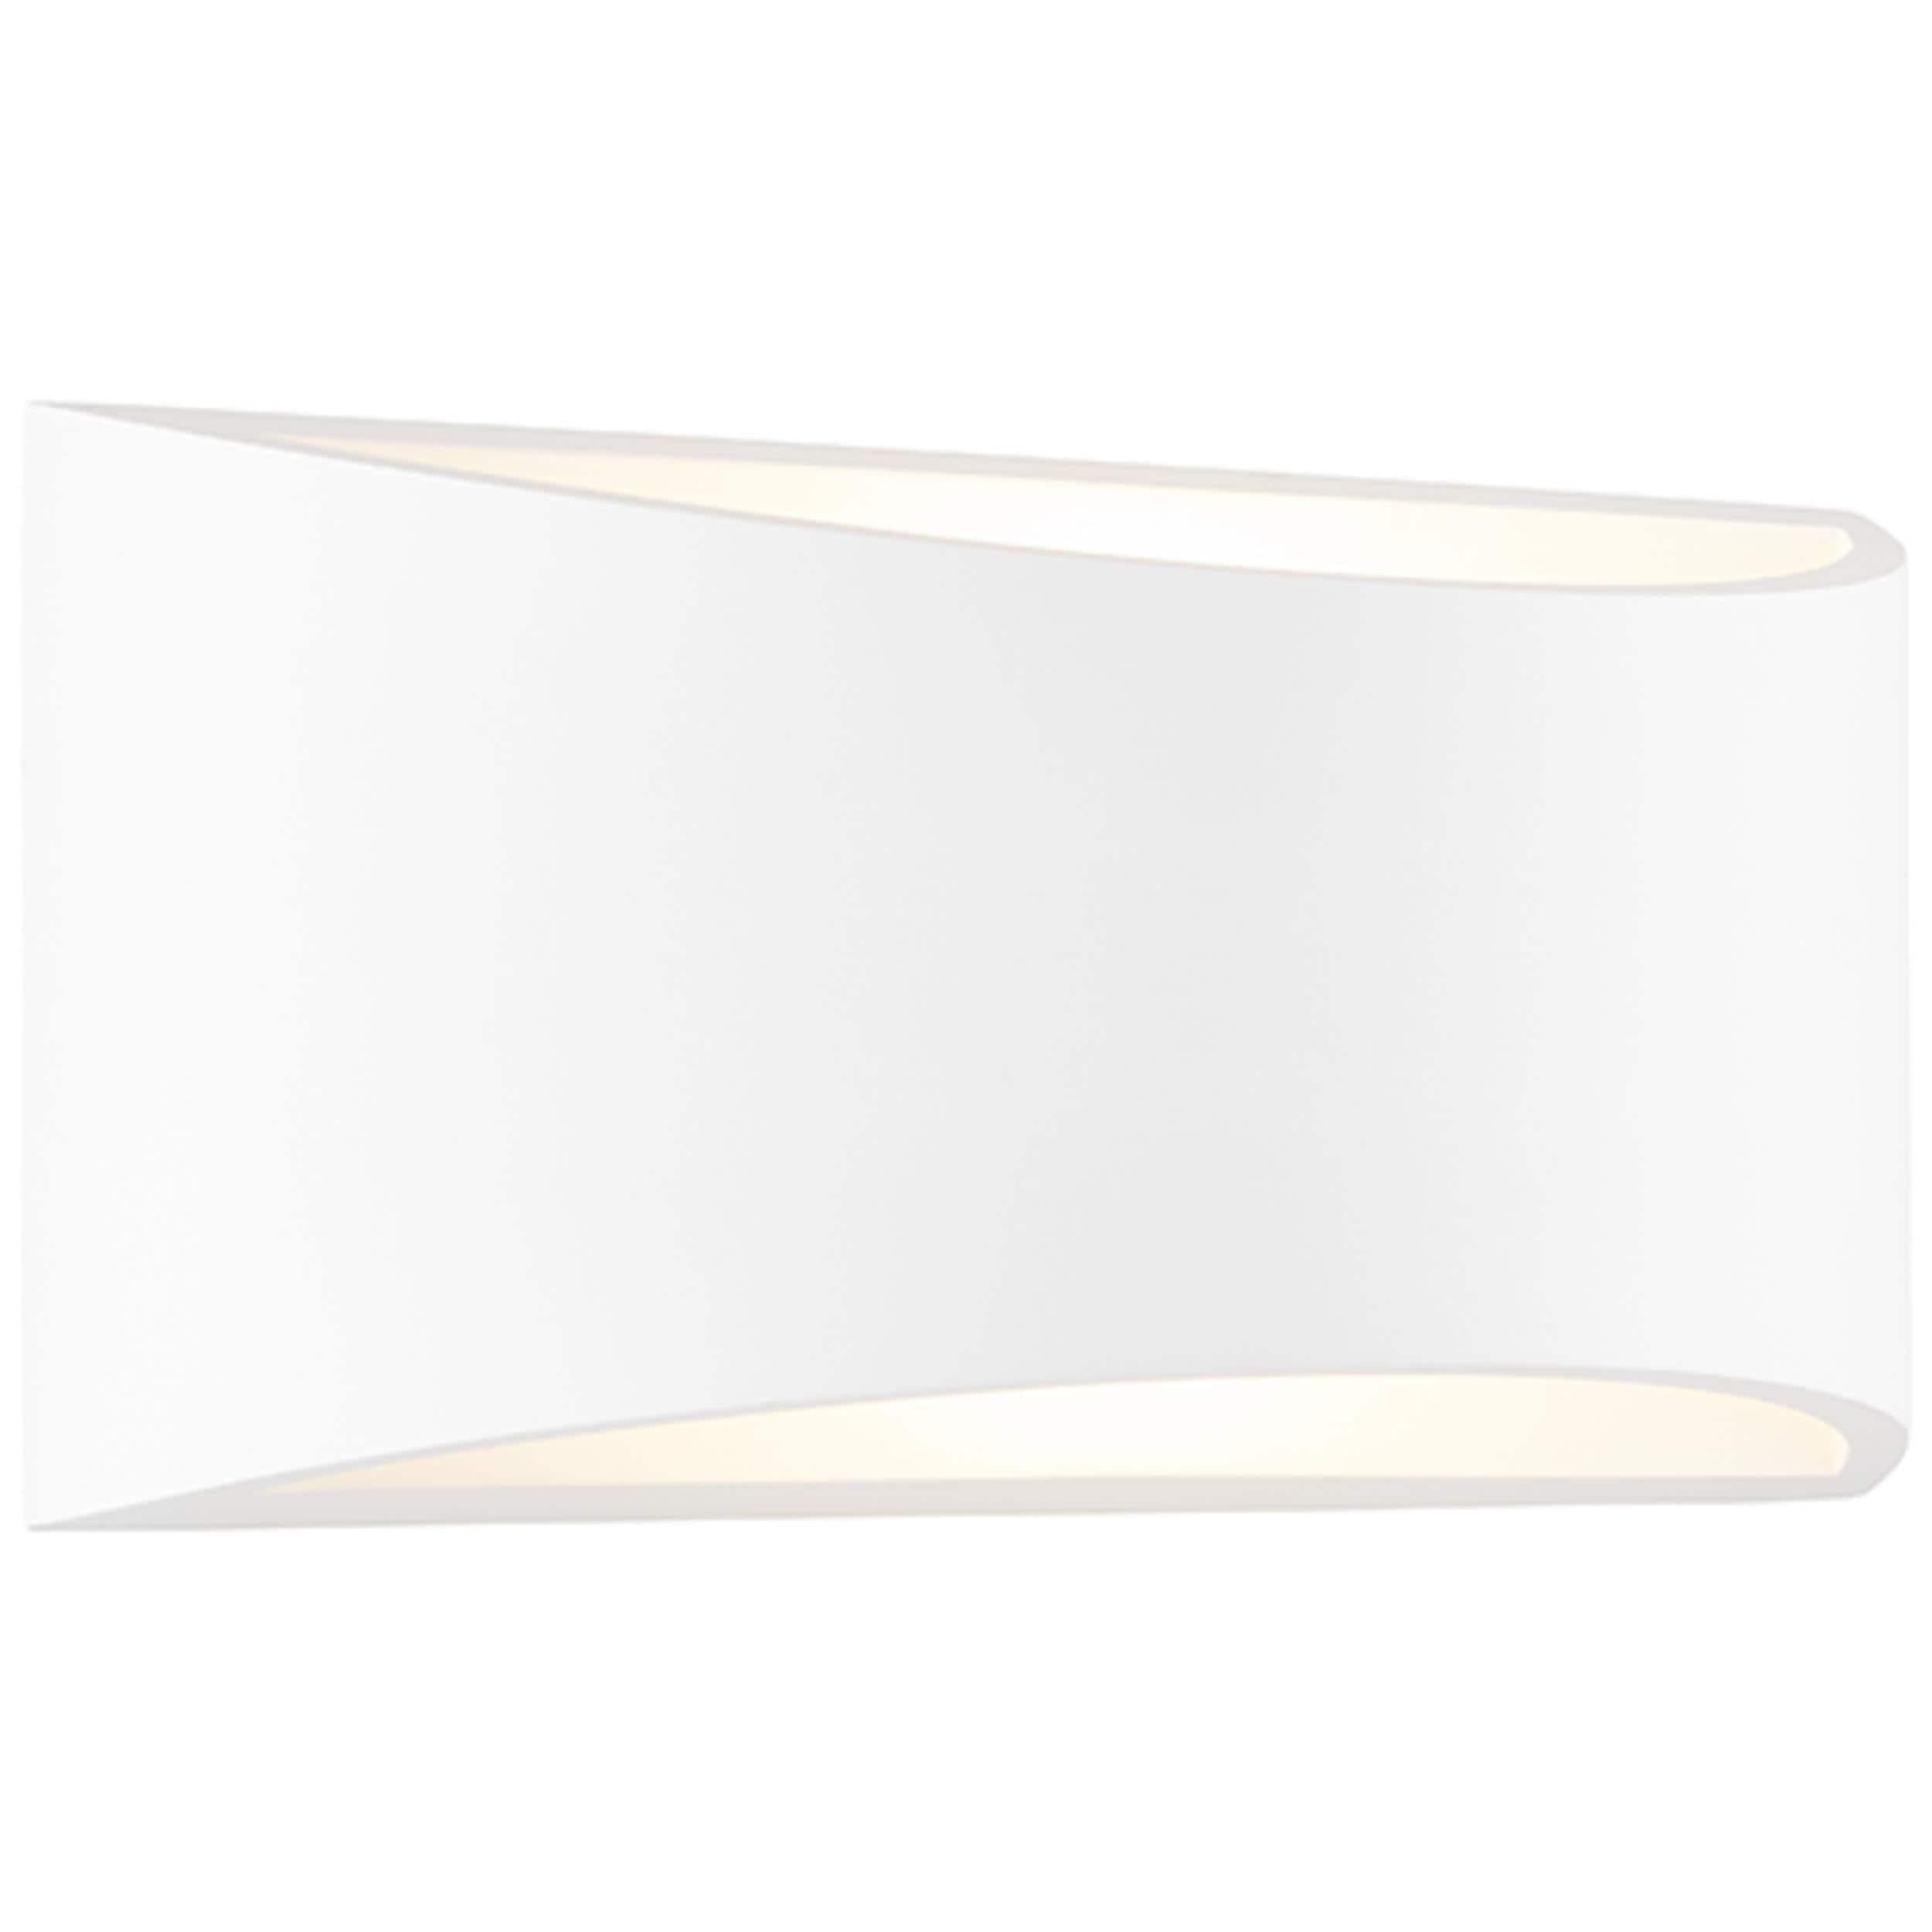 Brilliant Leuchten Wandleuchte, E14, Murnia Wandleuchte 30cm weiß